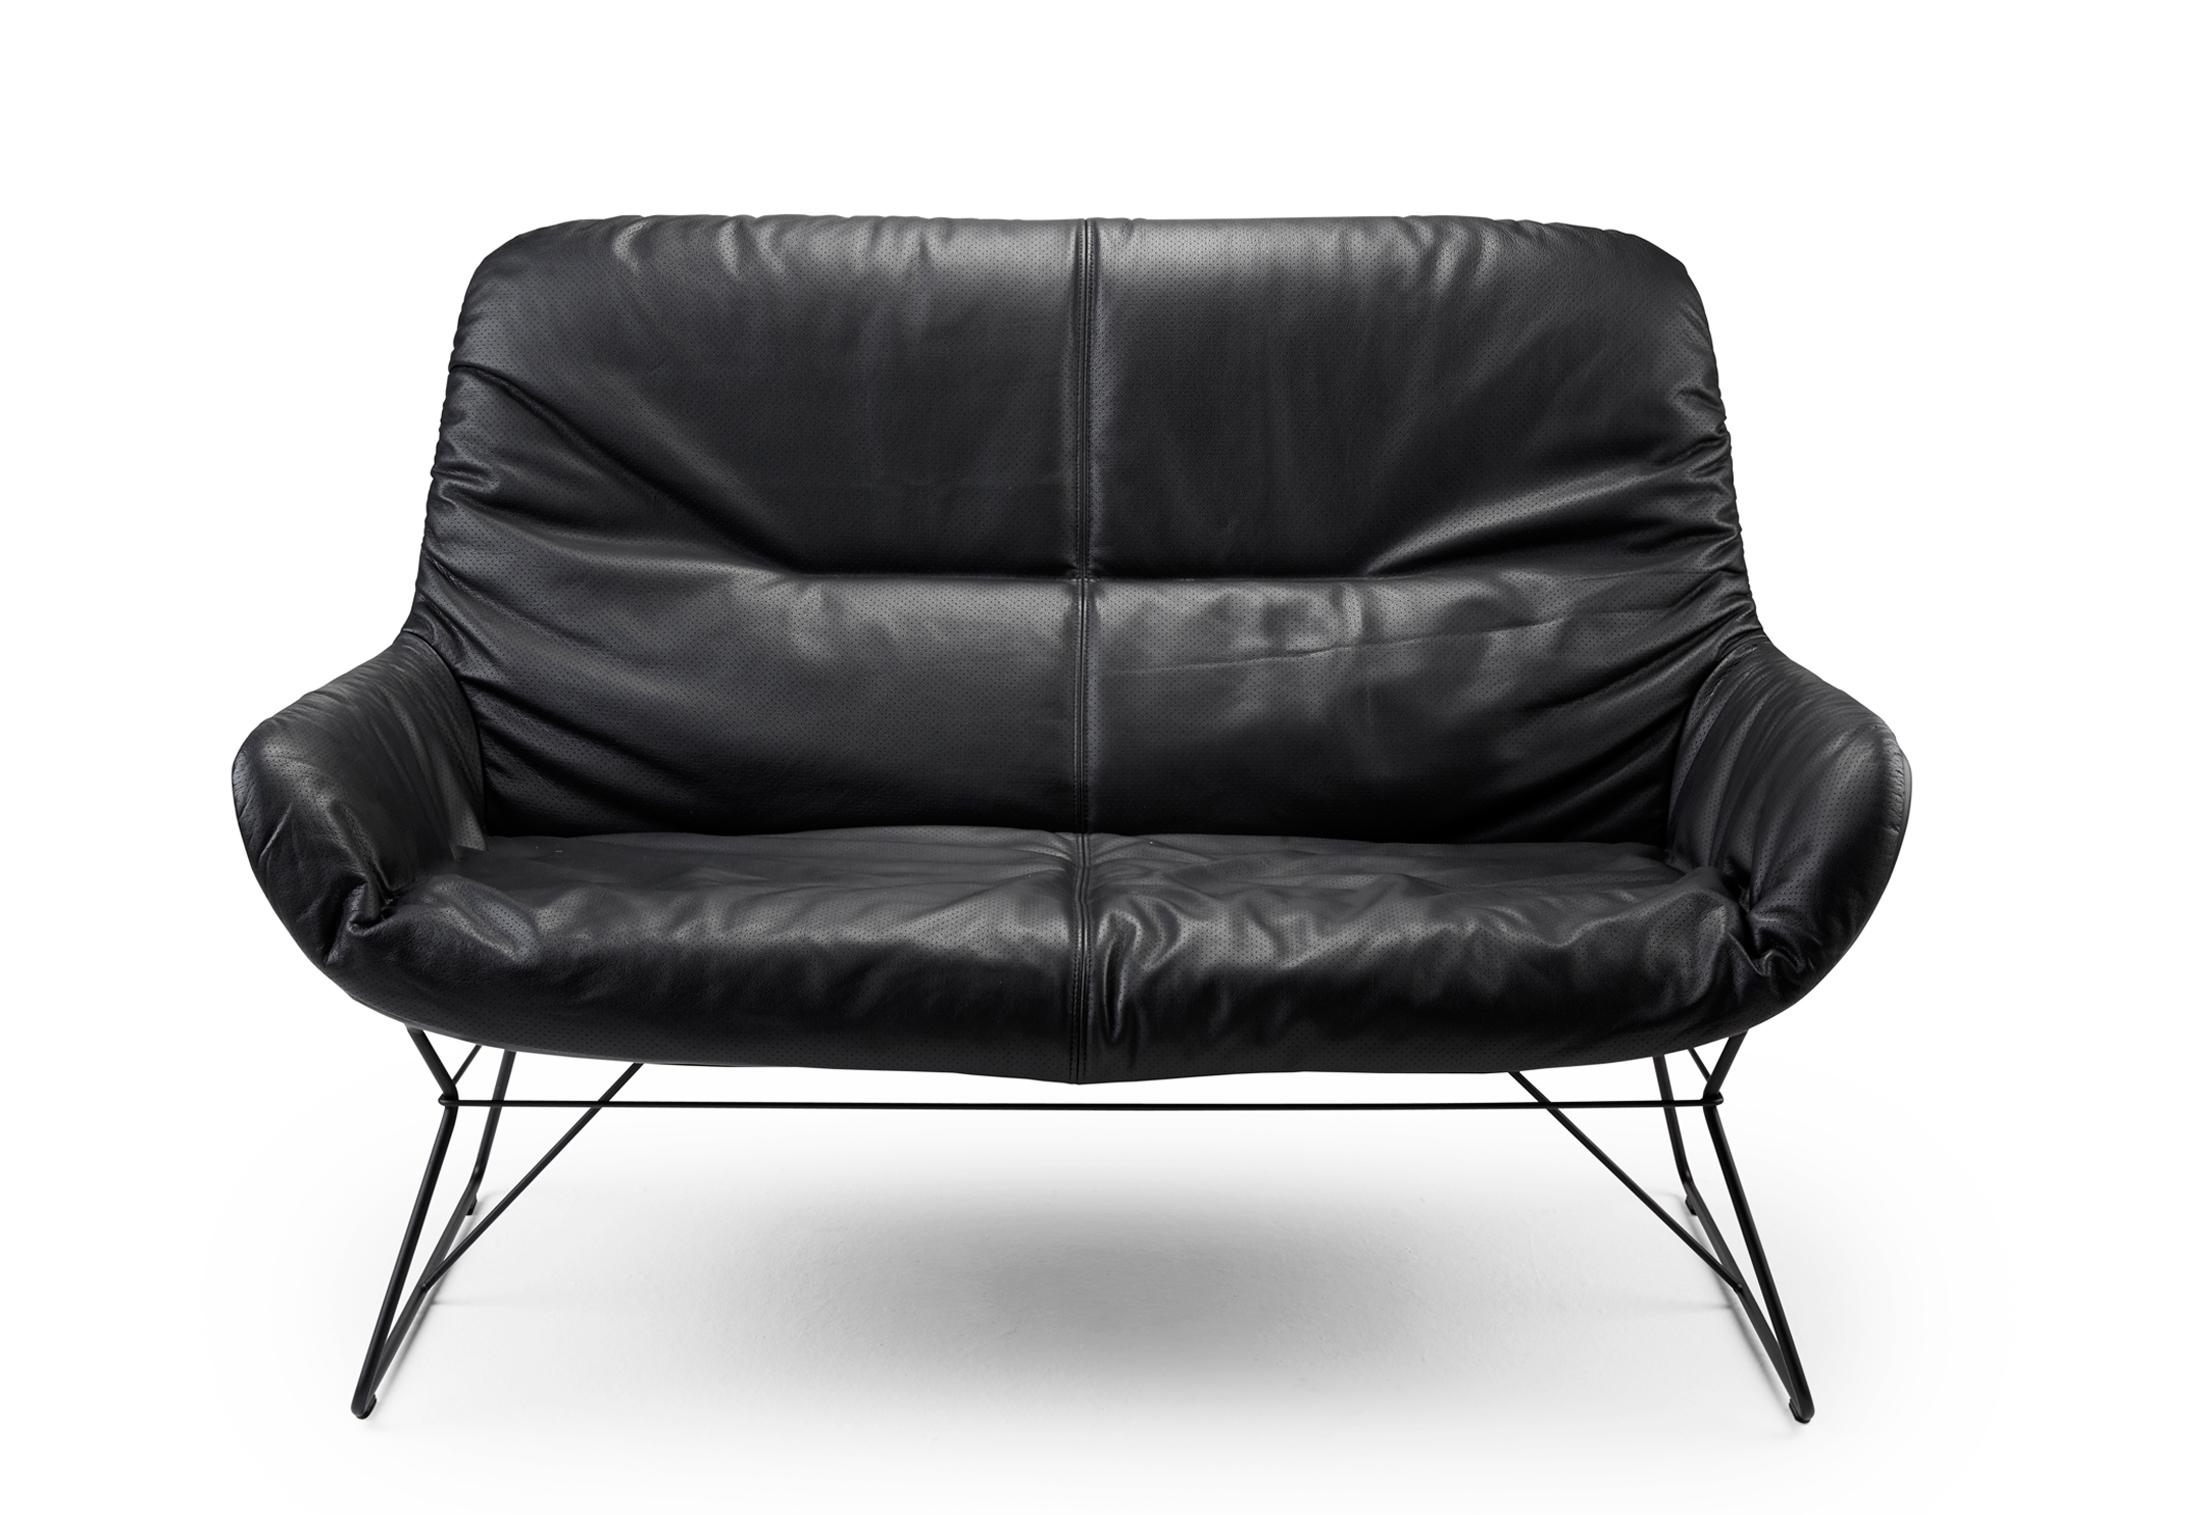 Leya Lounge Couch by Freifrau   STYLEPARK